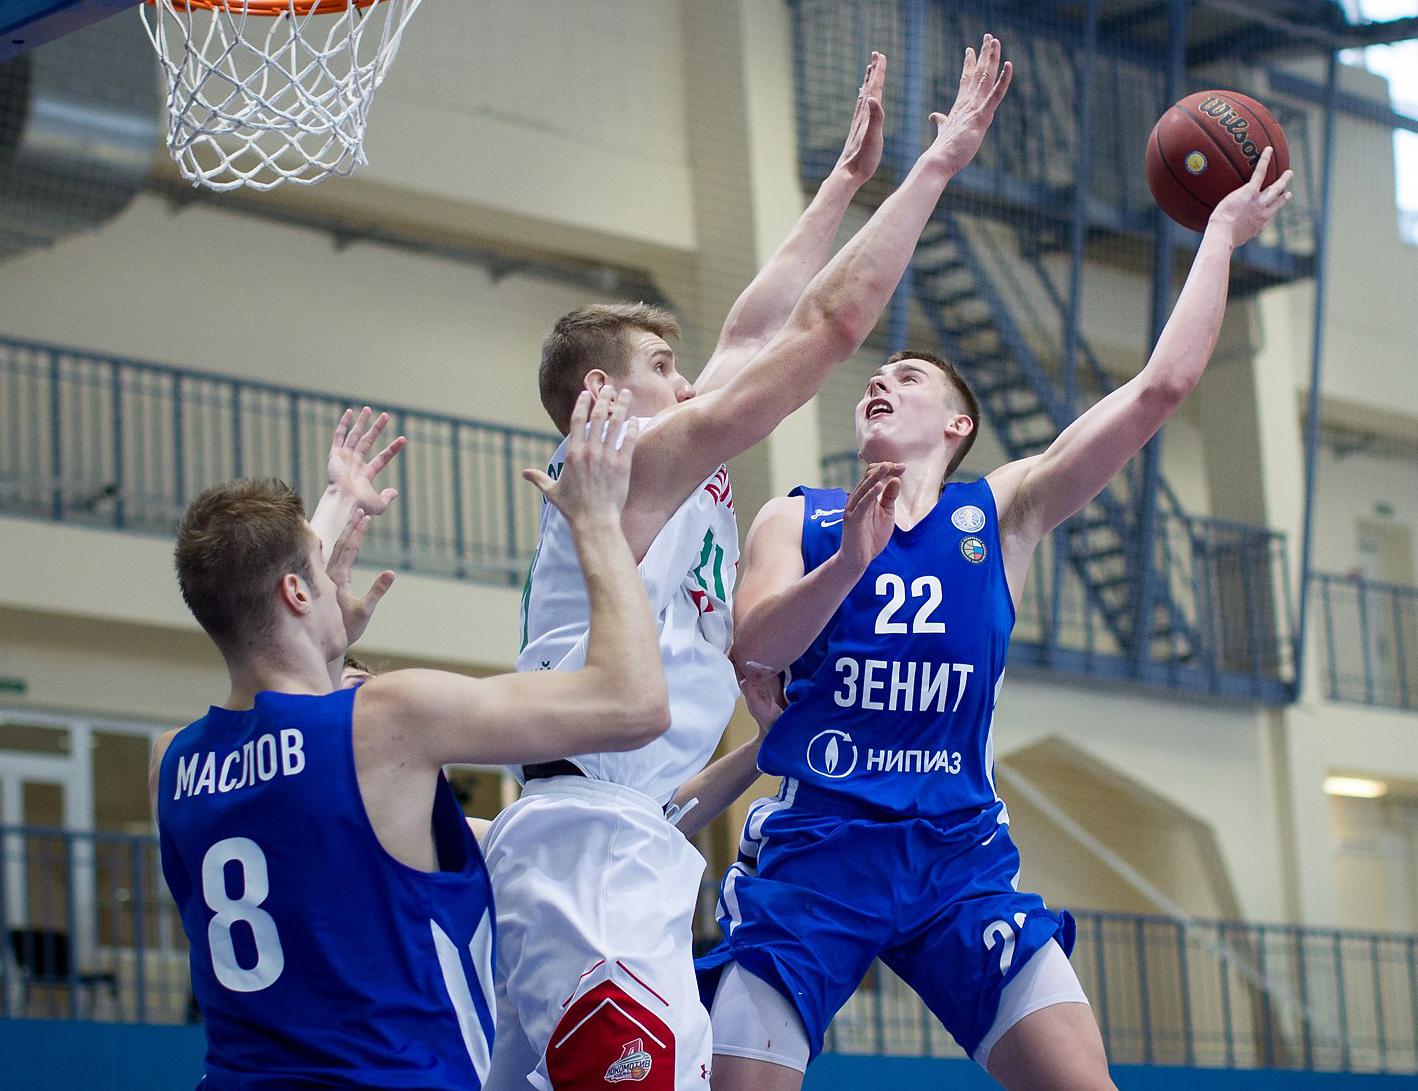 Завершился регулярный сезон Единой молодежной Лиги ВТБ-2017/18